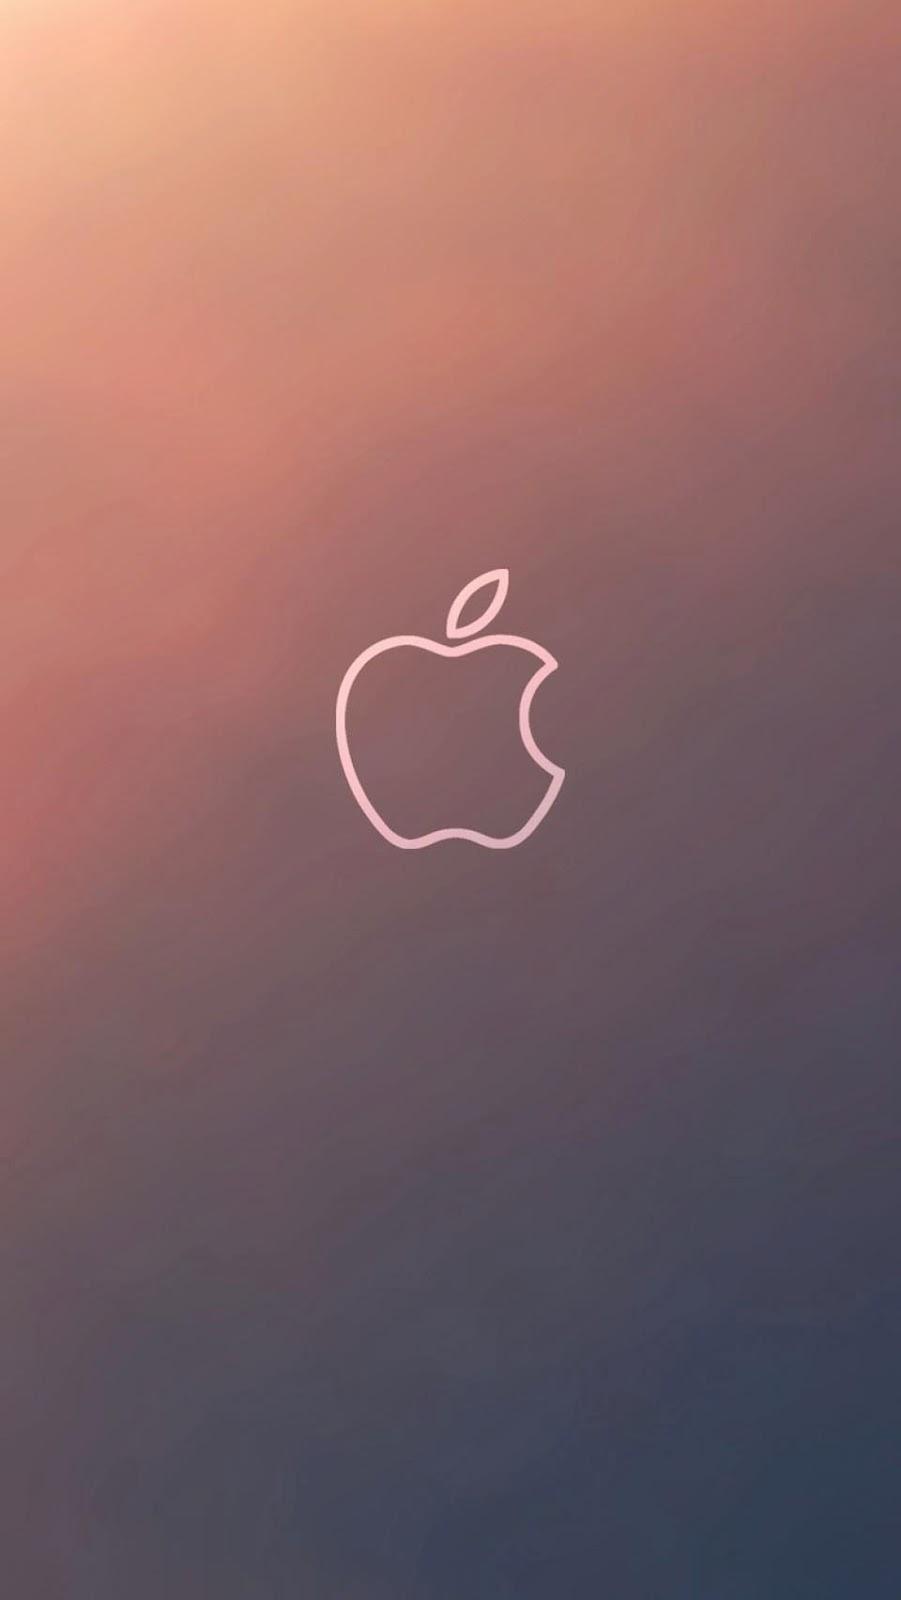 Apple Iphone 6 Plus Wallpaper Wallpapersafari